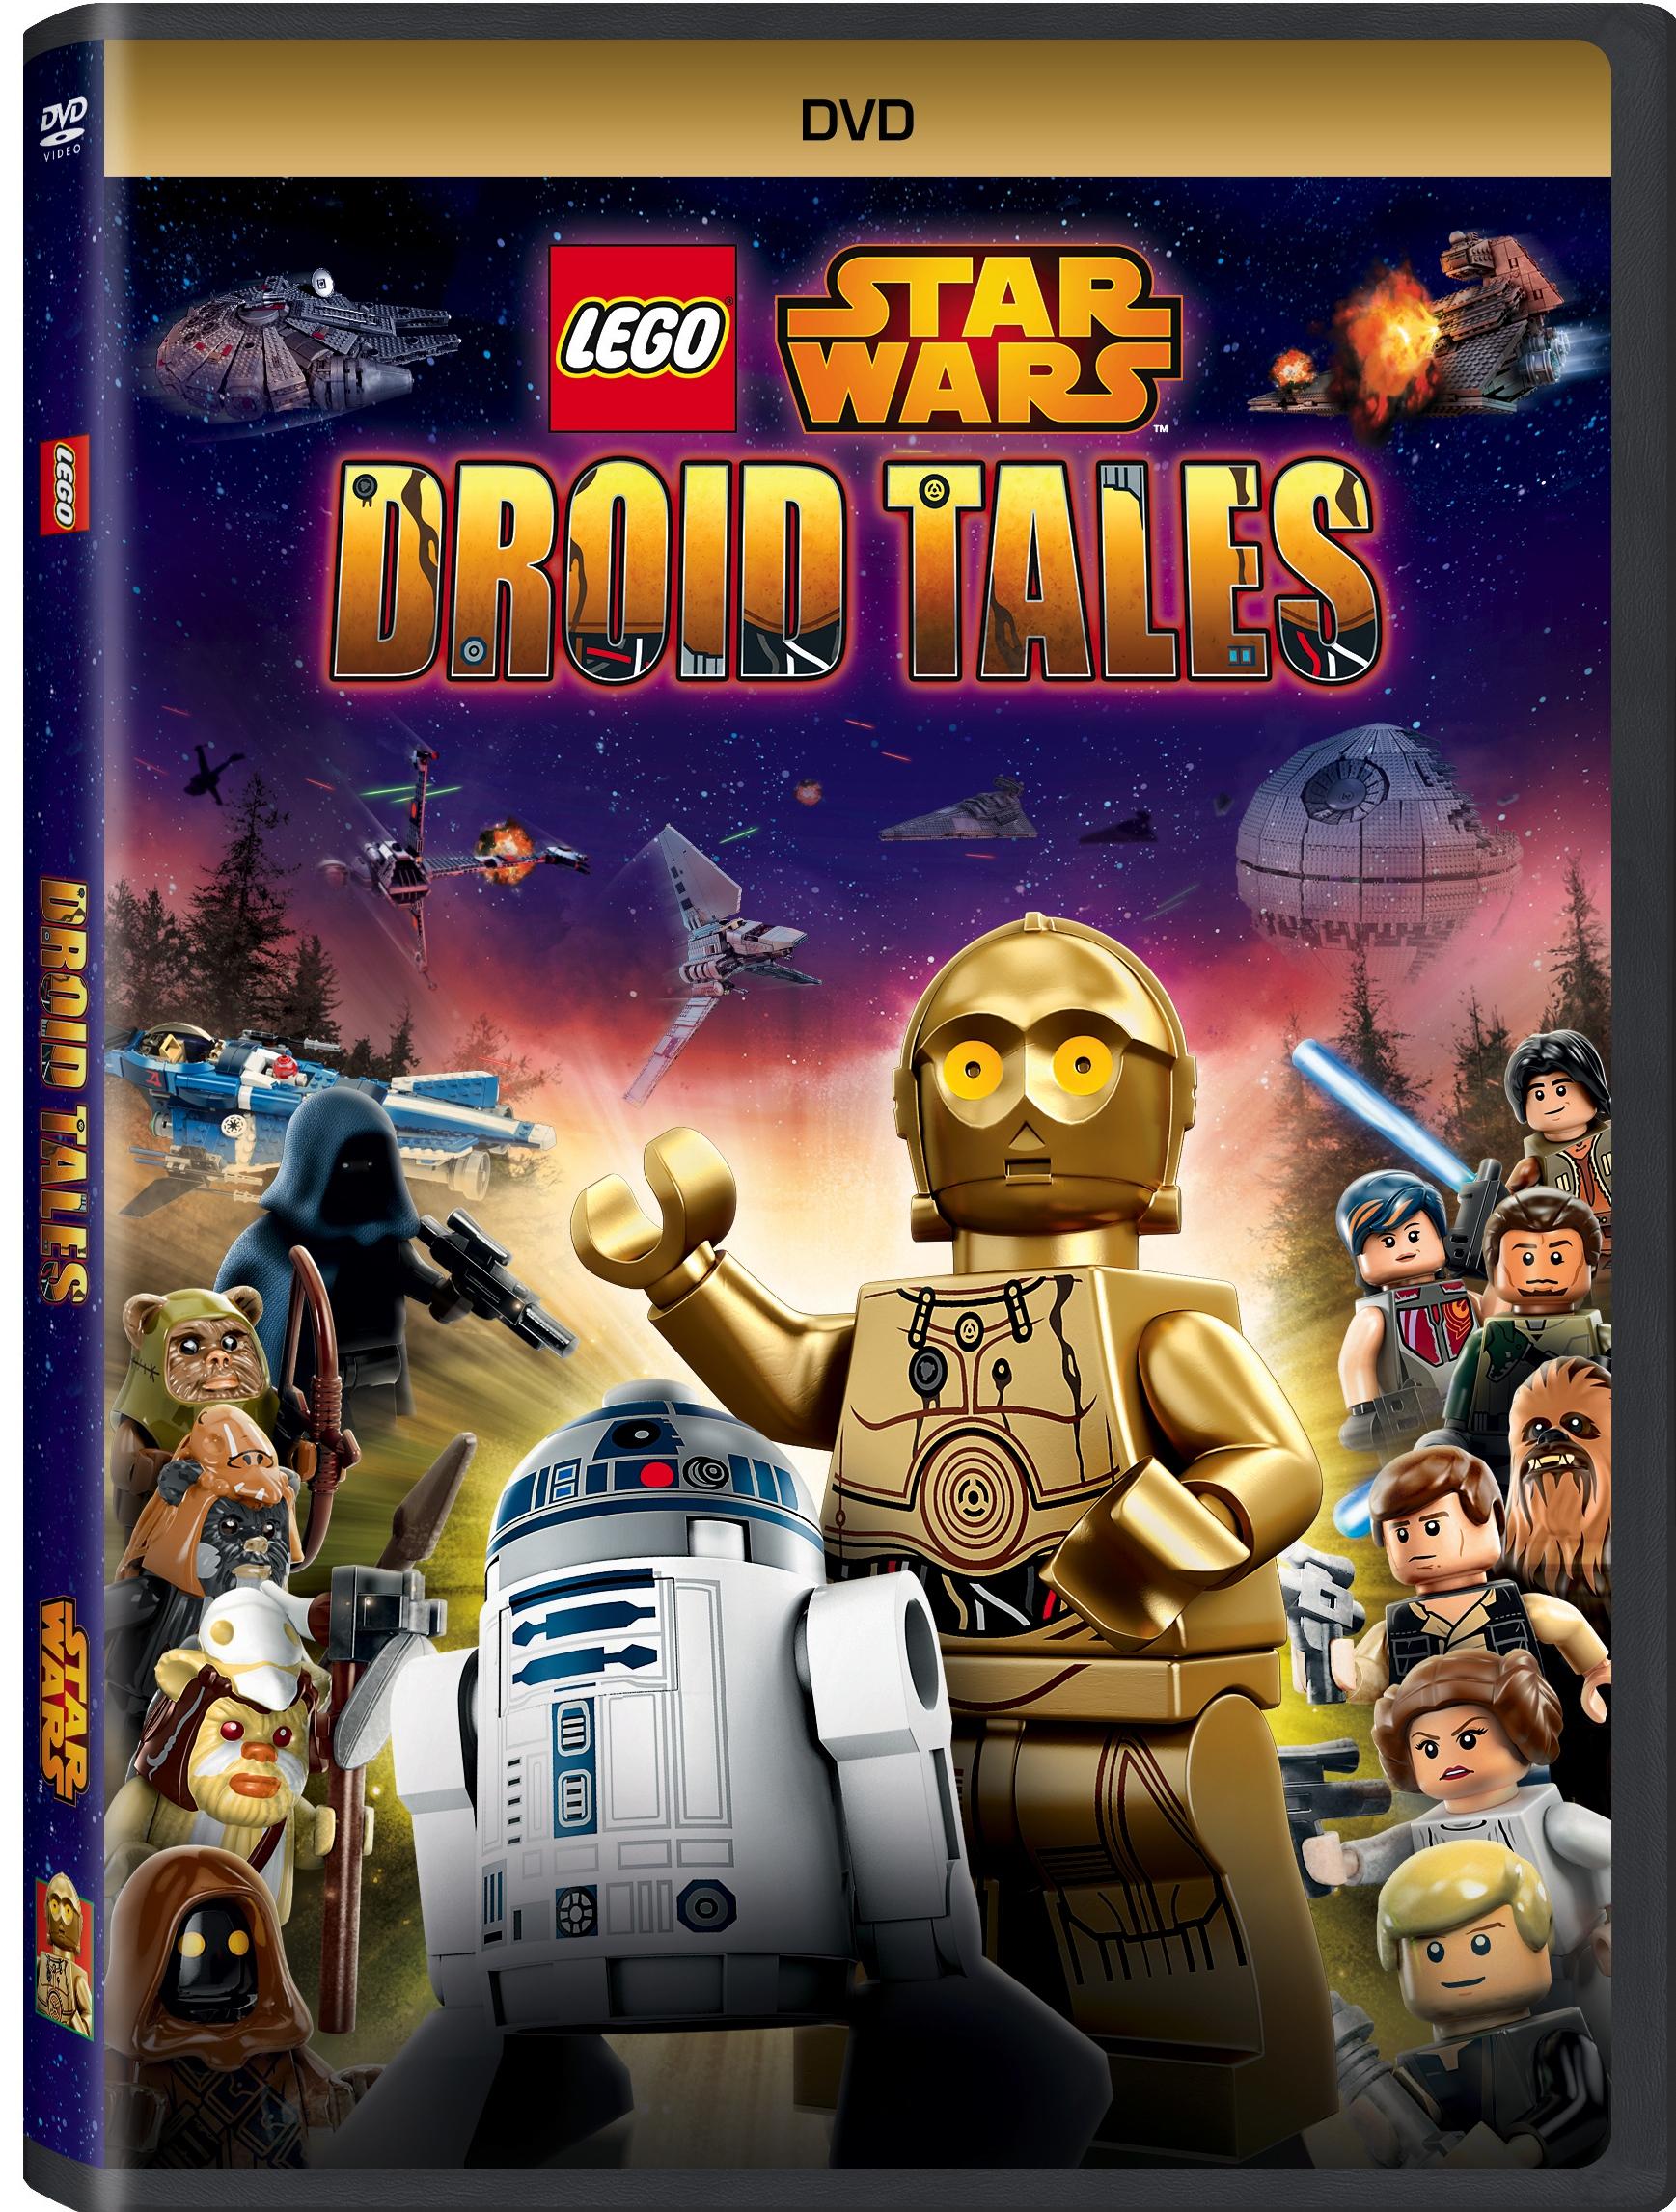 Lego Star Wars Droid Tales DVD